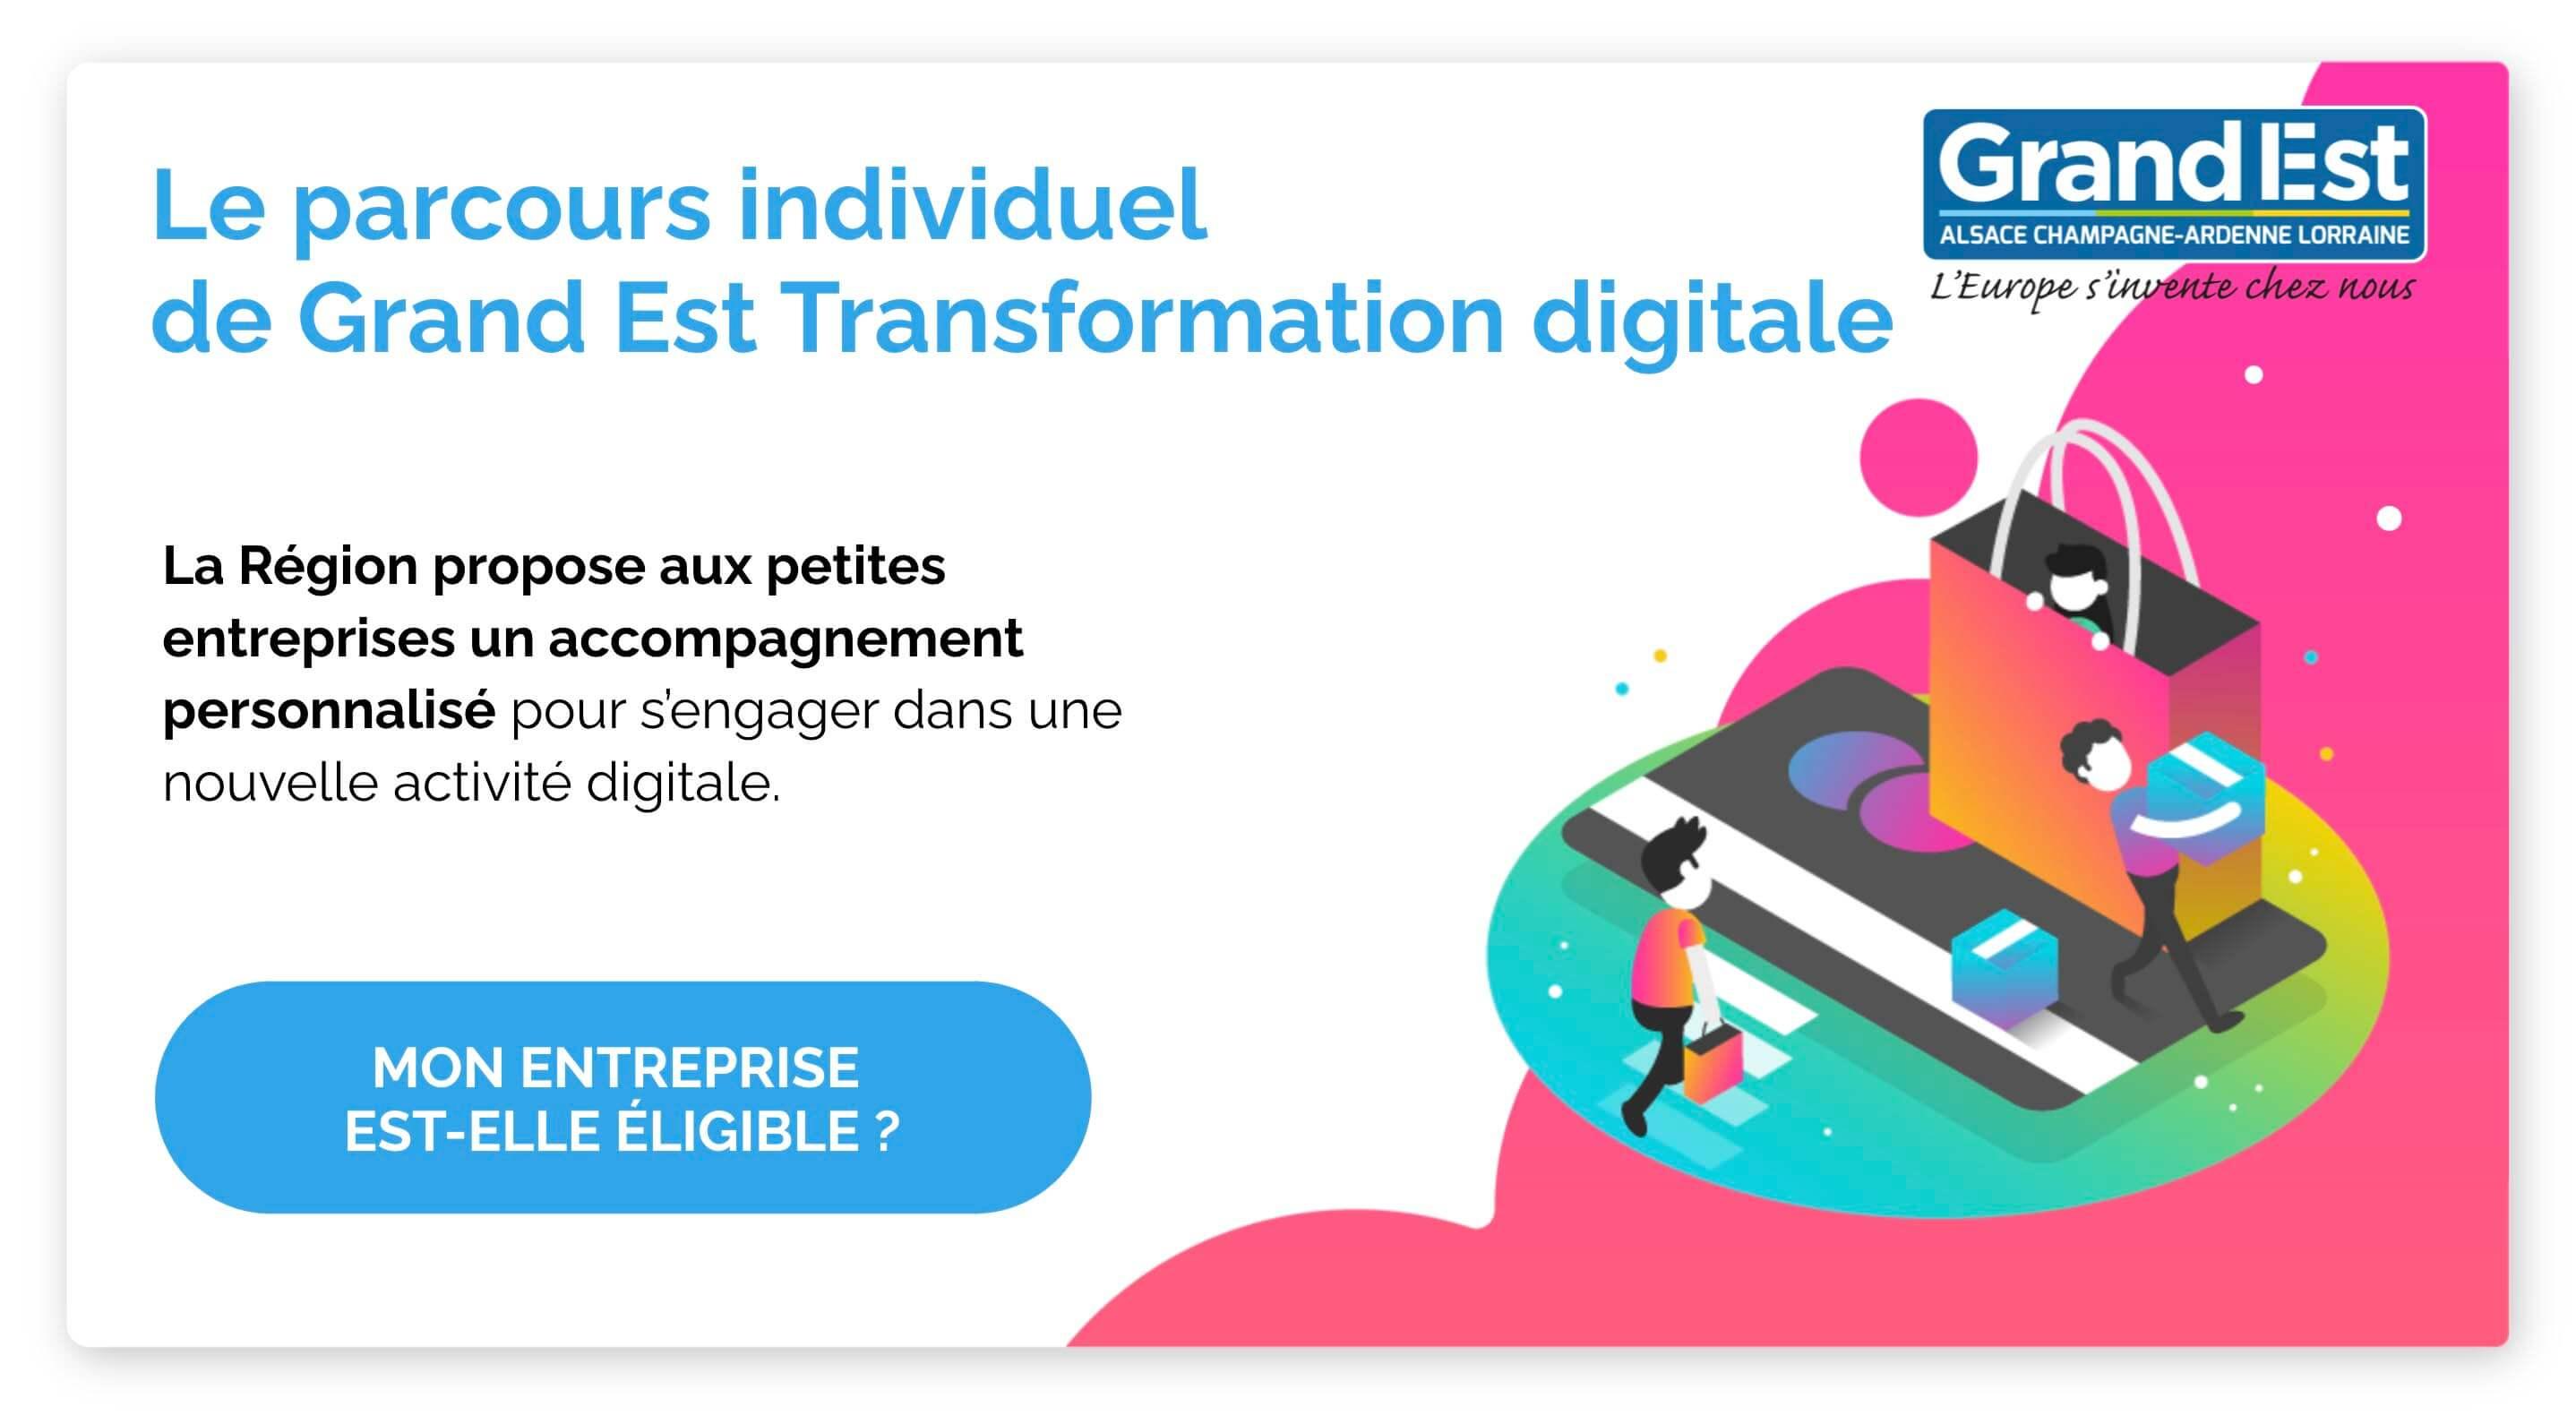 Le parcours individuel de Grand Est Transformation digitale